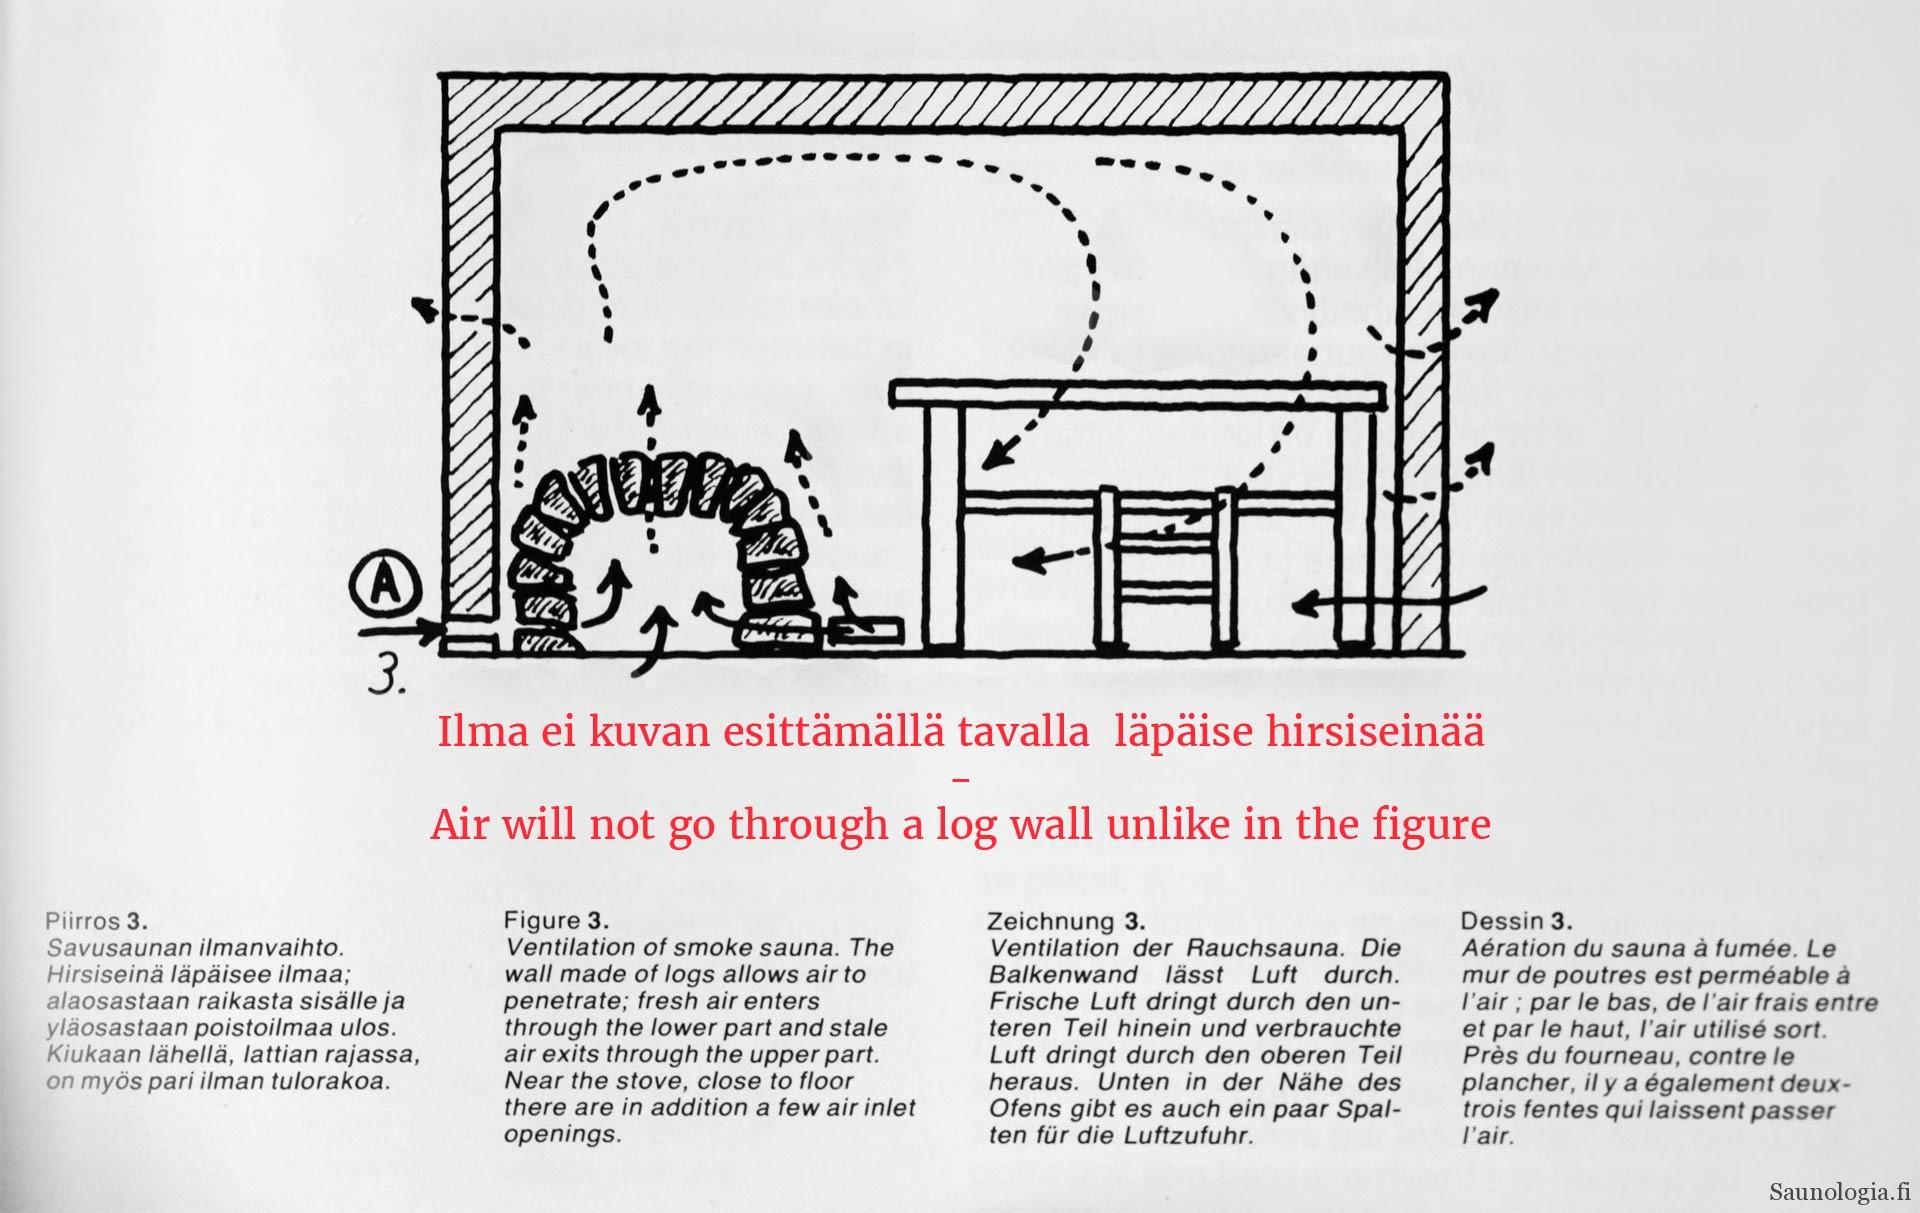 1981-Reinikainen-savusaunan-ilmanvaihto-ei-toimiIMG_6690